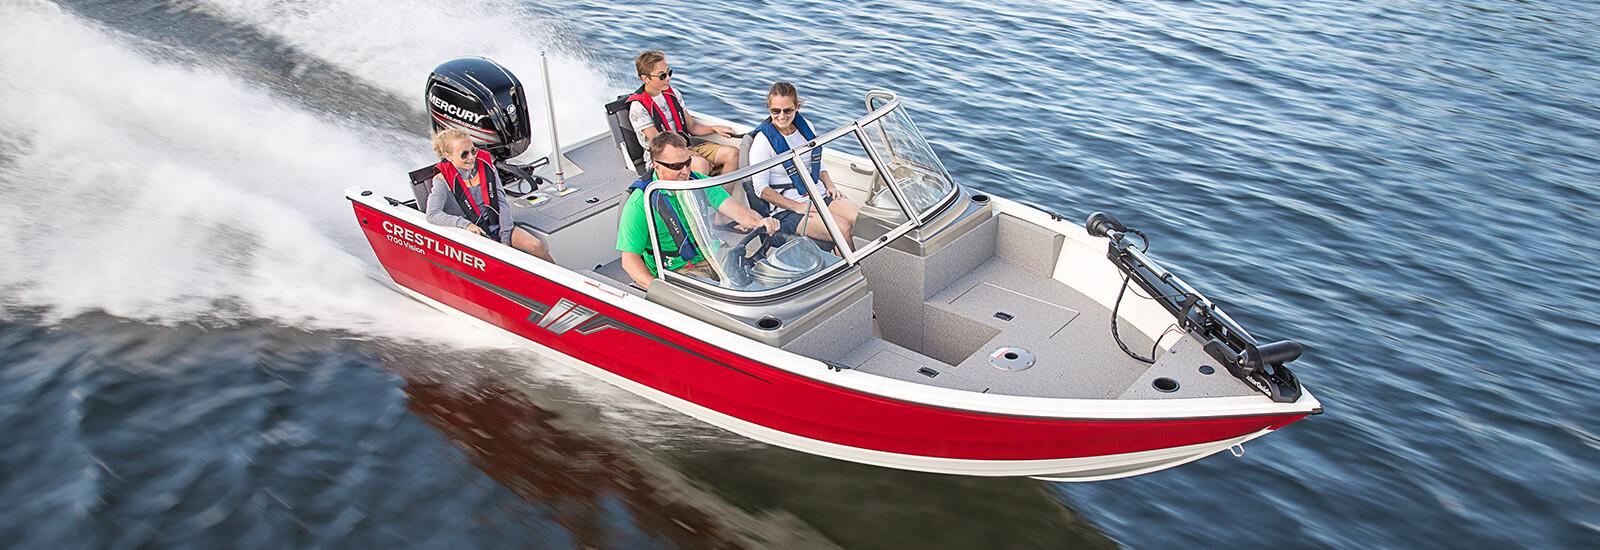 hight resolution of crestliner 1700 vision top entry level fishing boatscrestliner wiring harness 6